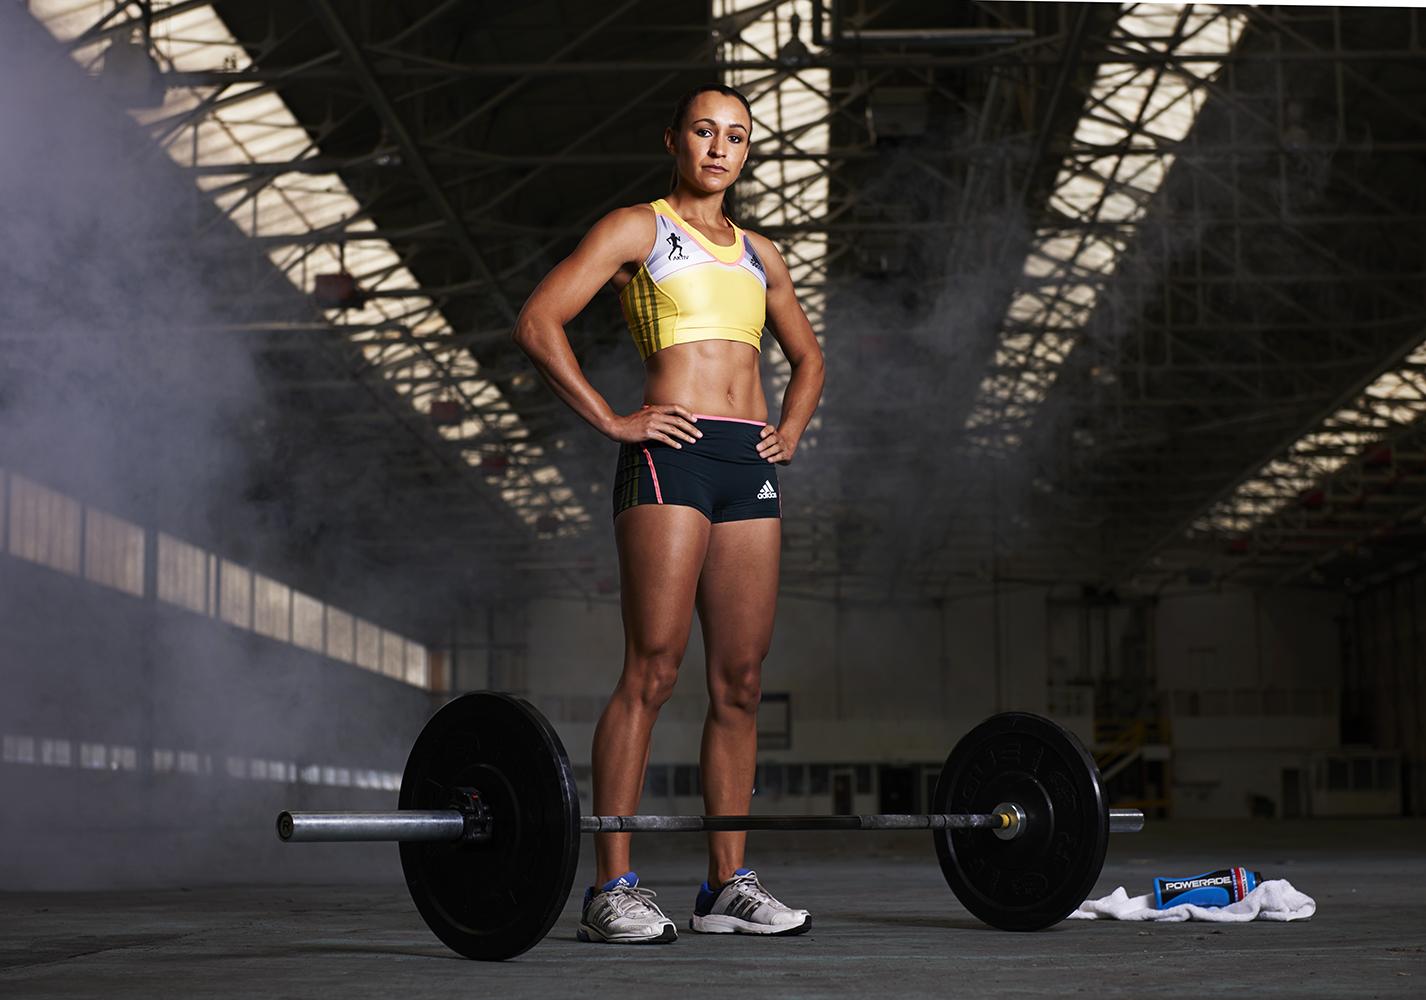 Jessica Ennis-Hill for Powerade